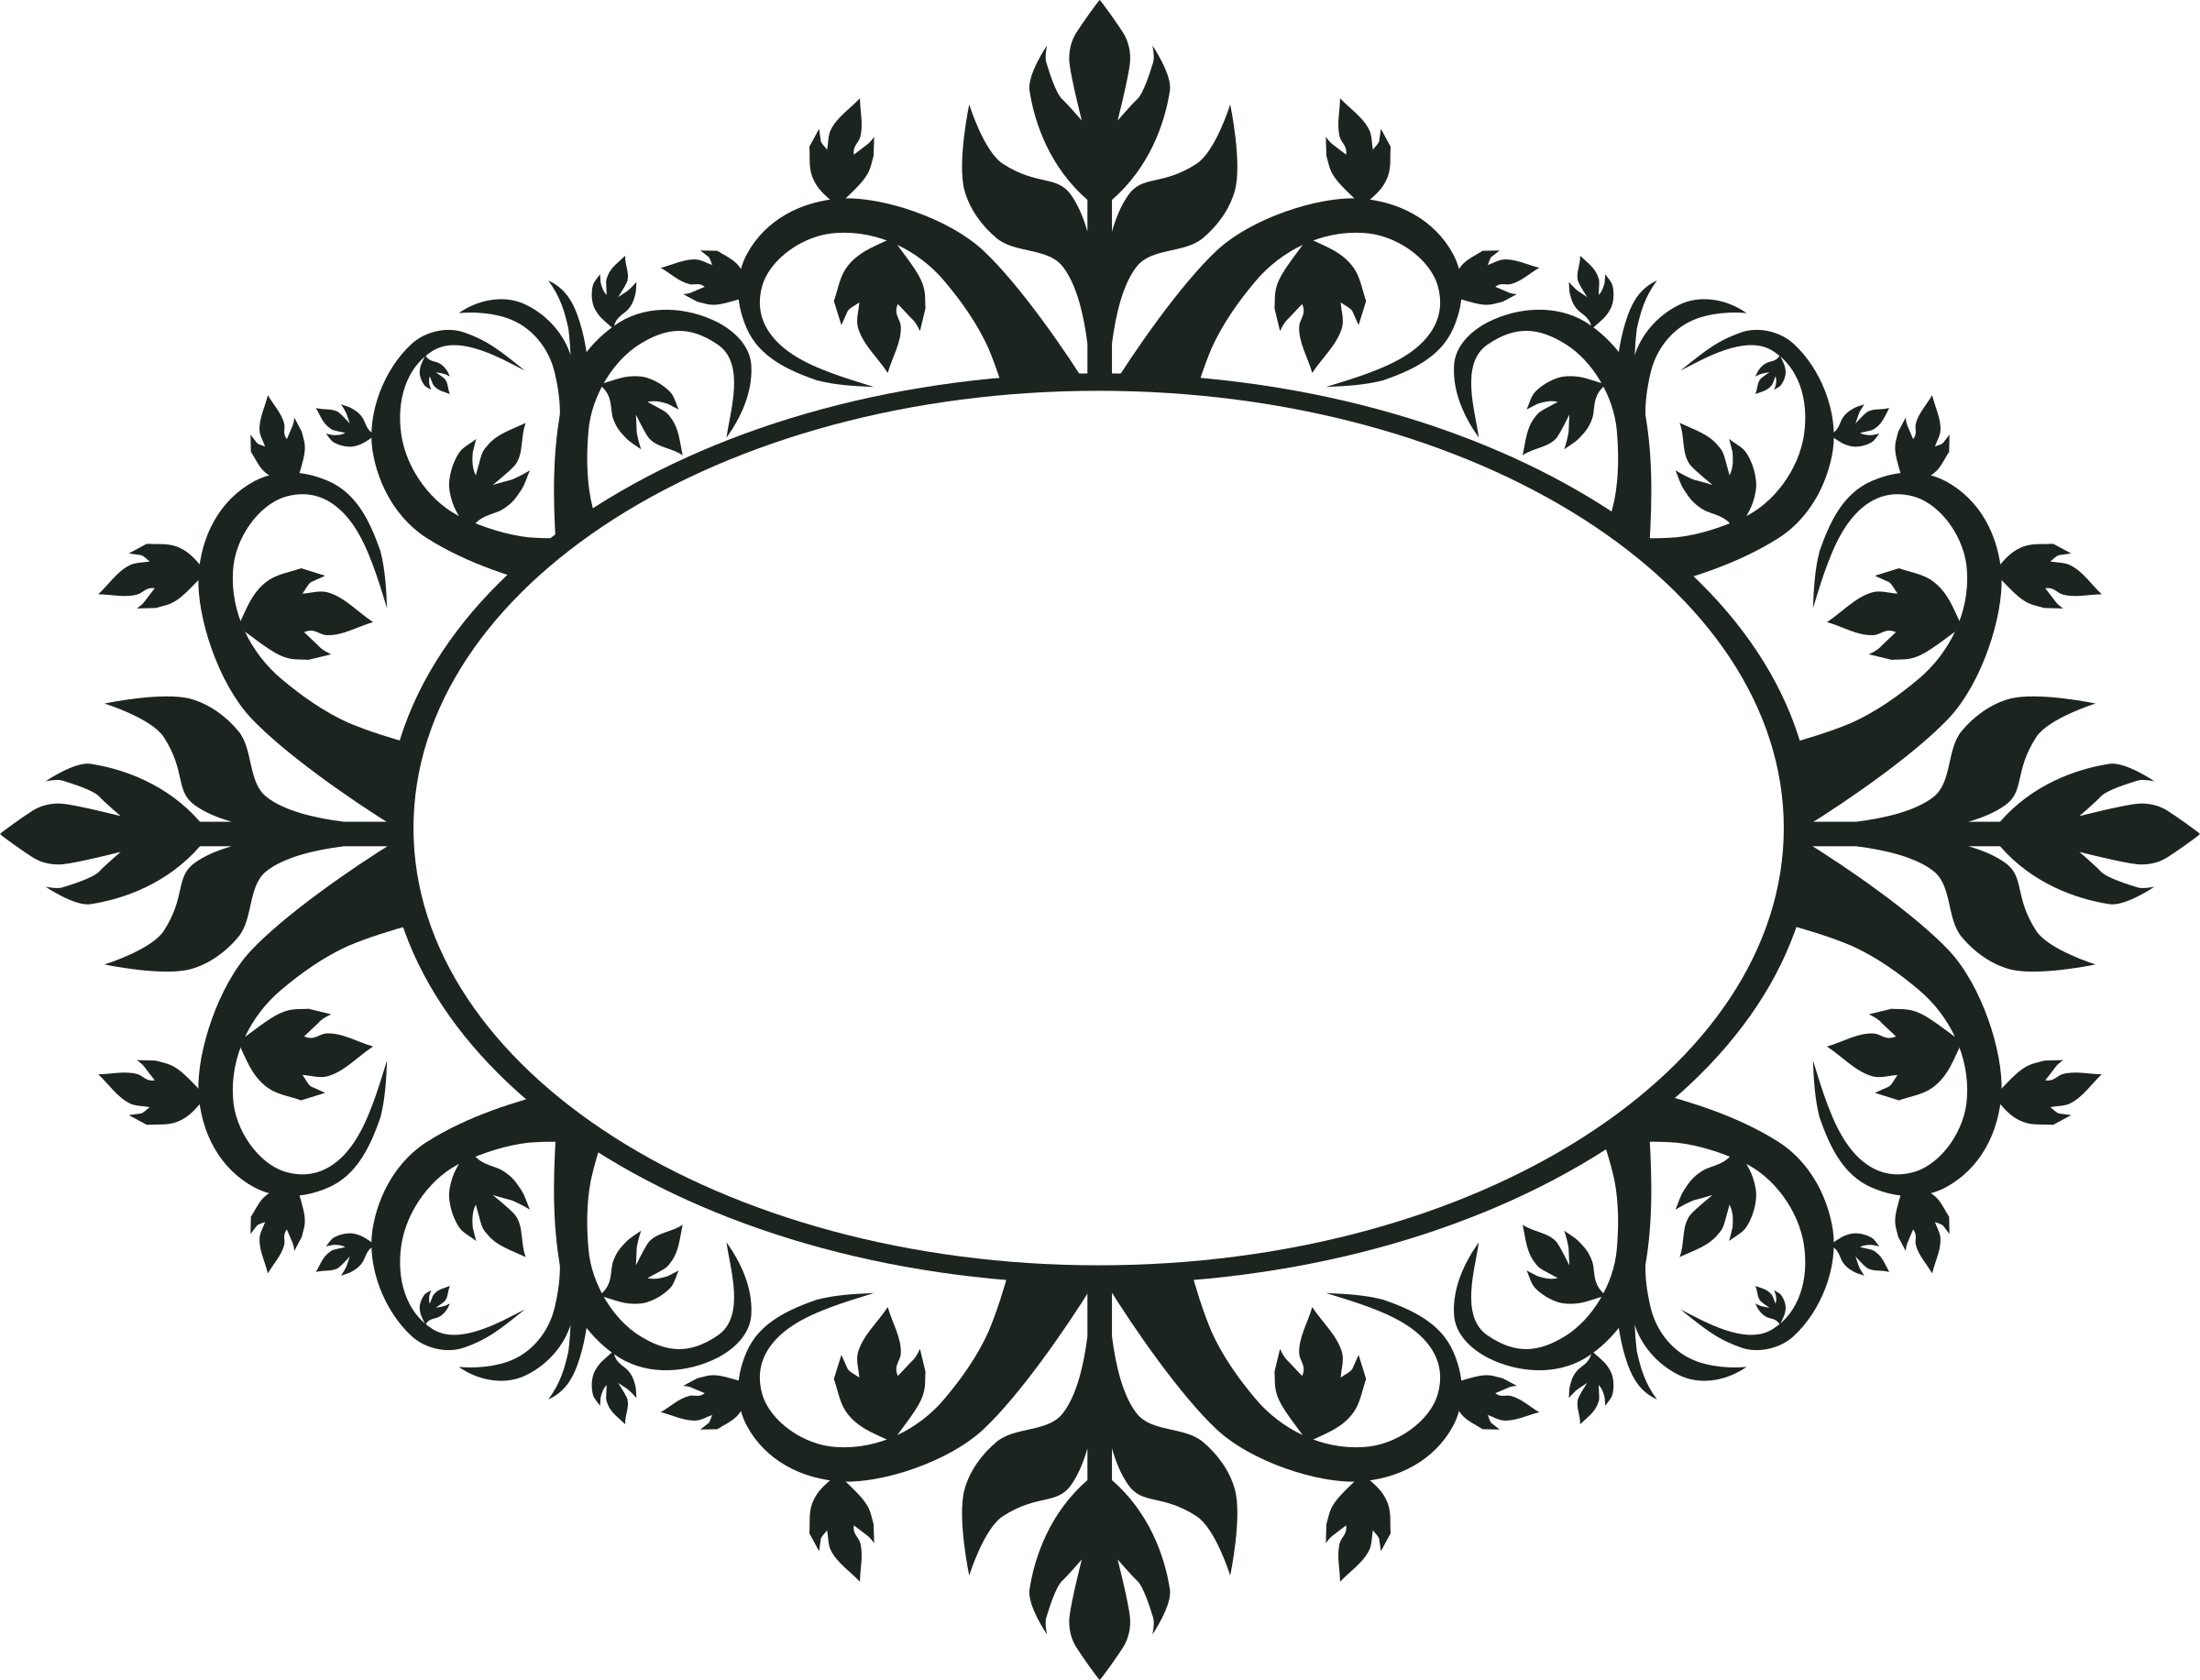 Vintage Oval Frame PNG - 73187